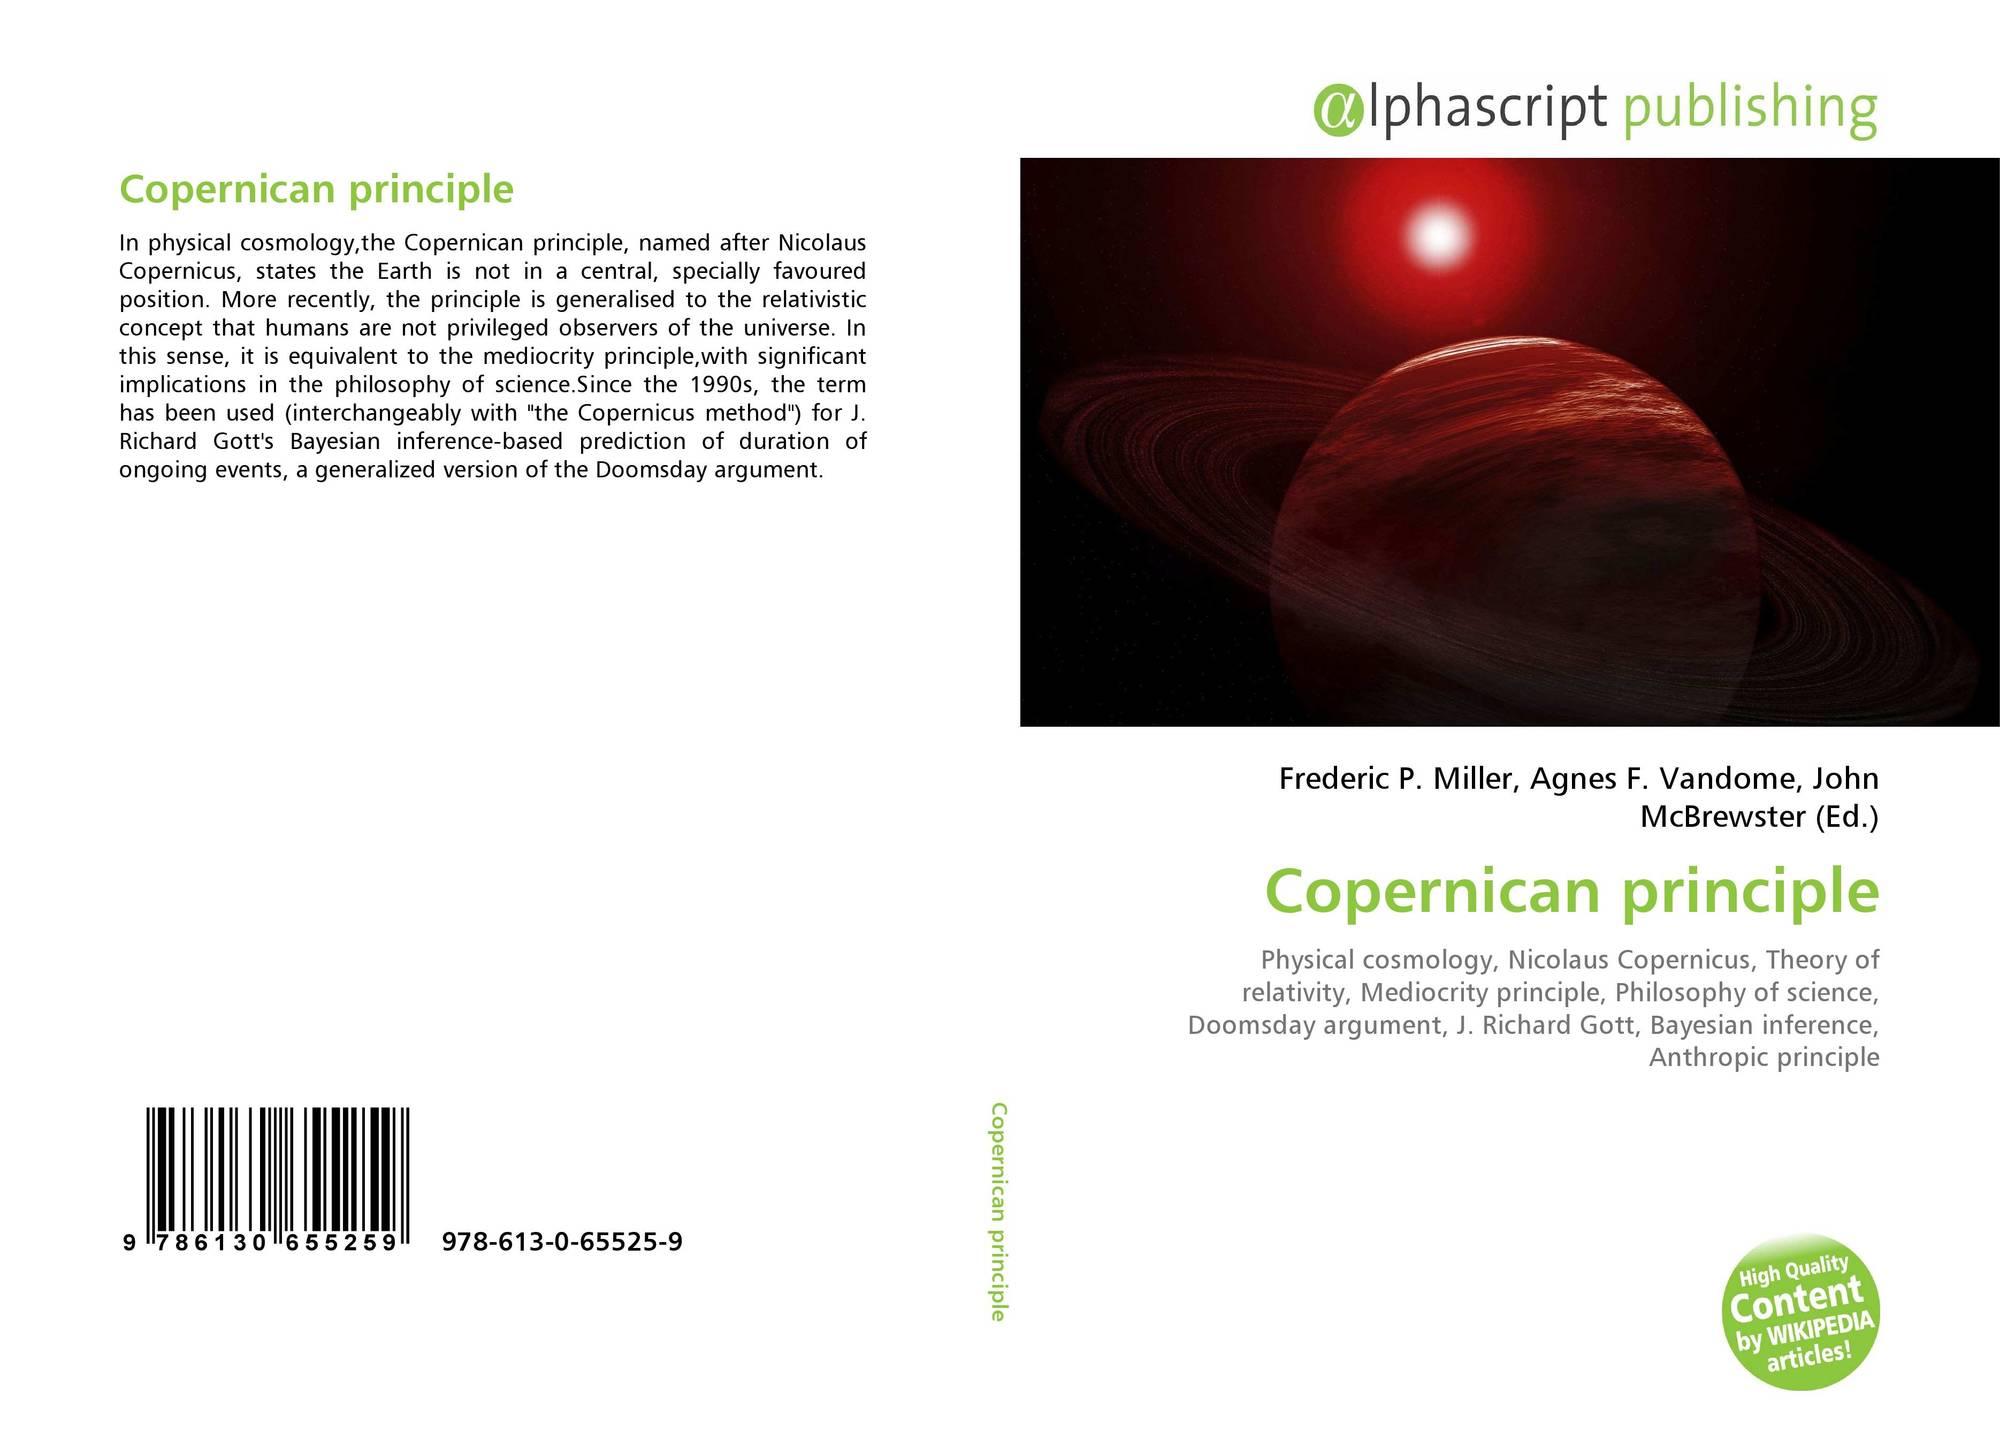 Copernican principle, 978-613-0-65525-9, 6130655258 ,9786130655259